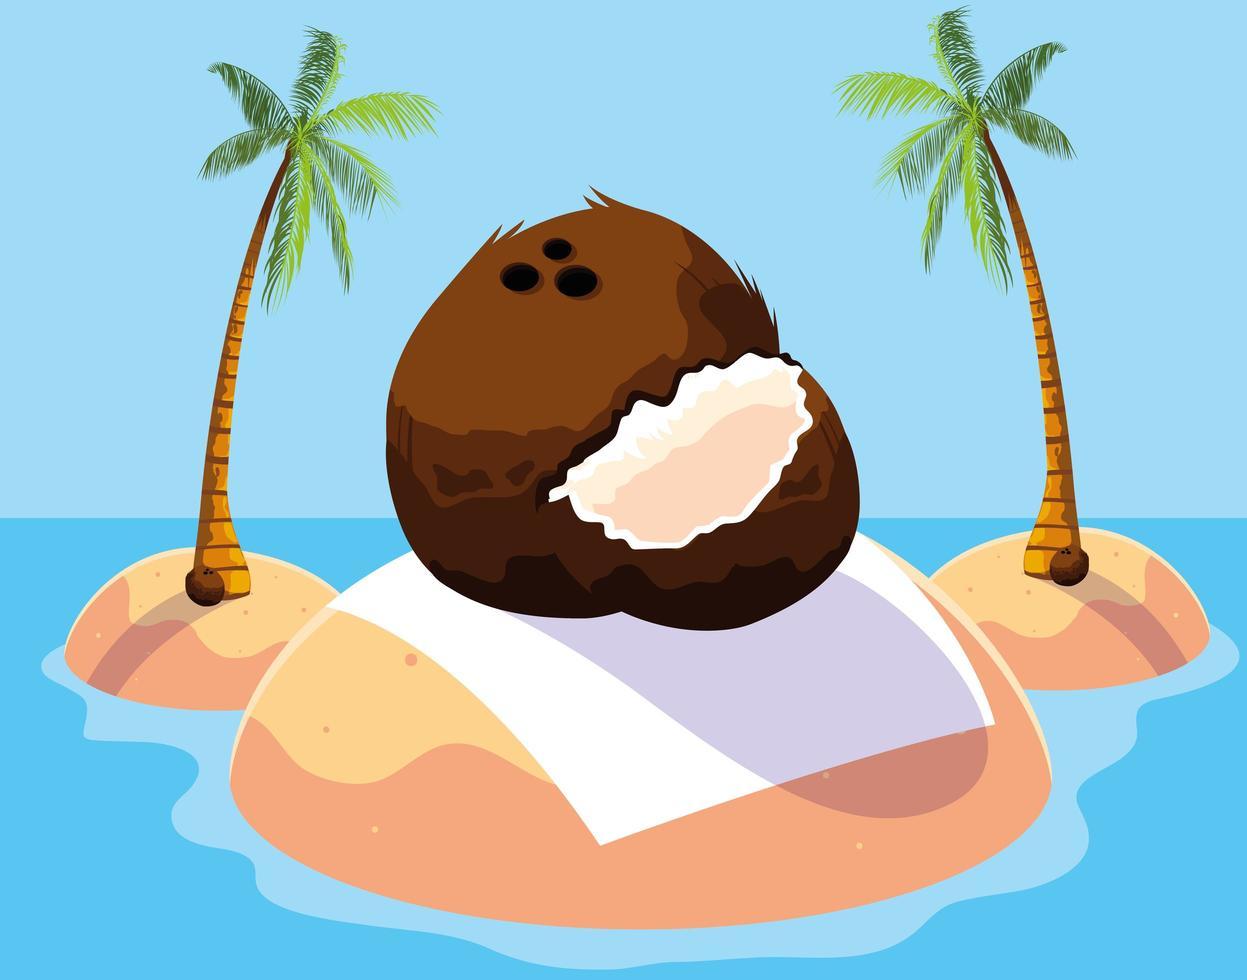 conception de fruits de noix de coco frais vecteur